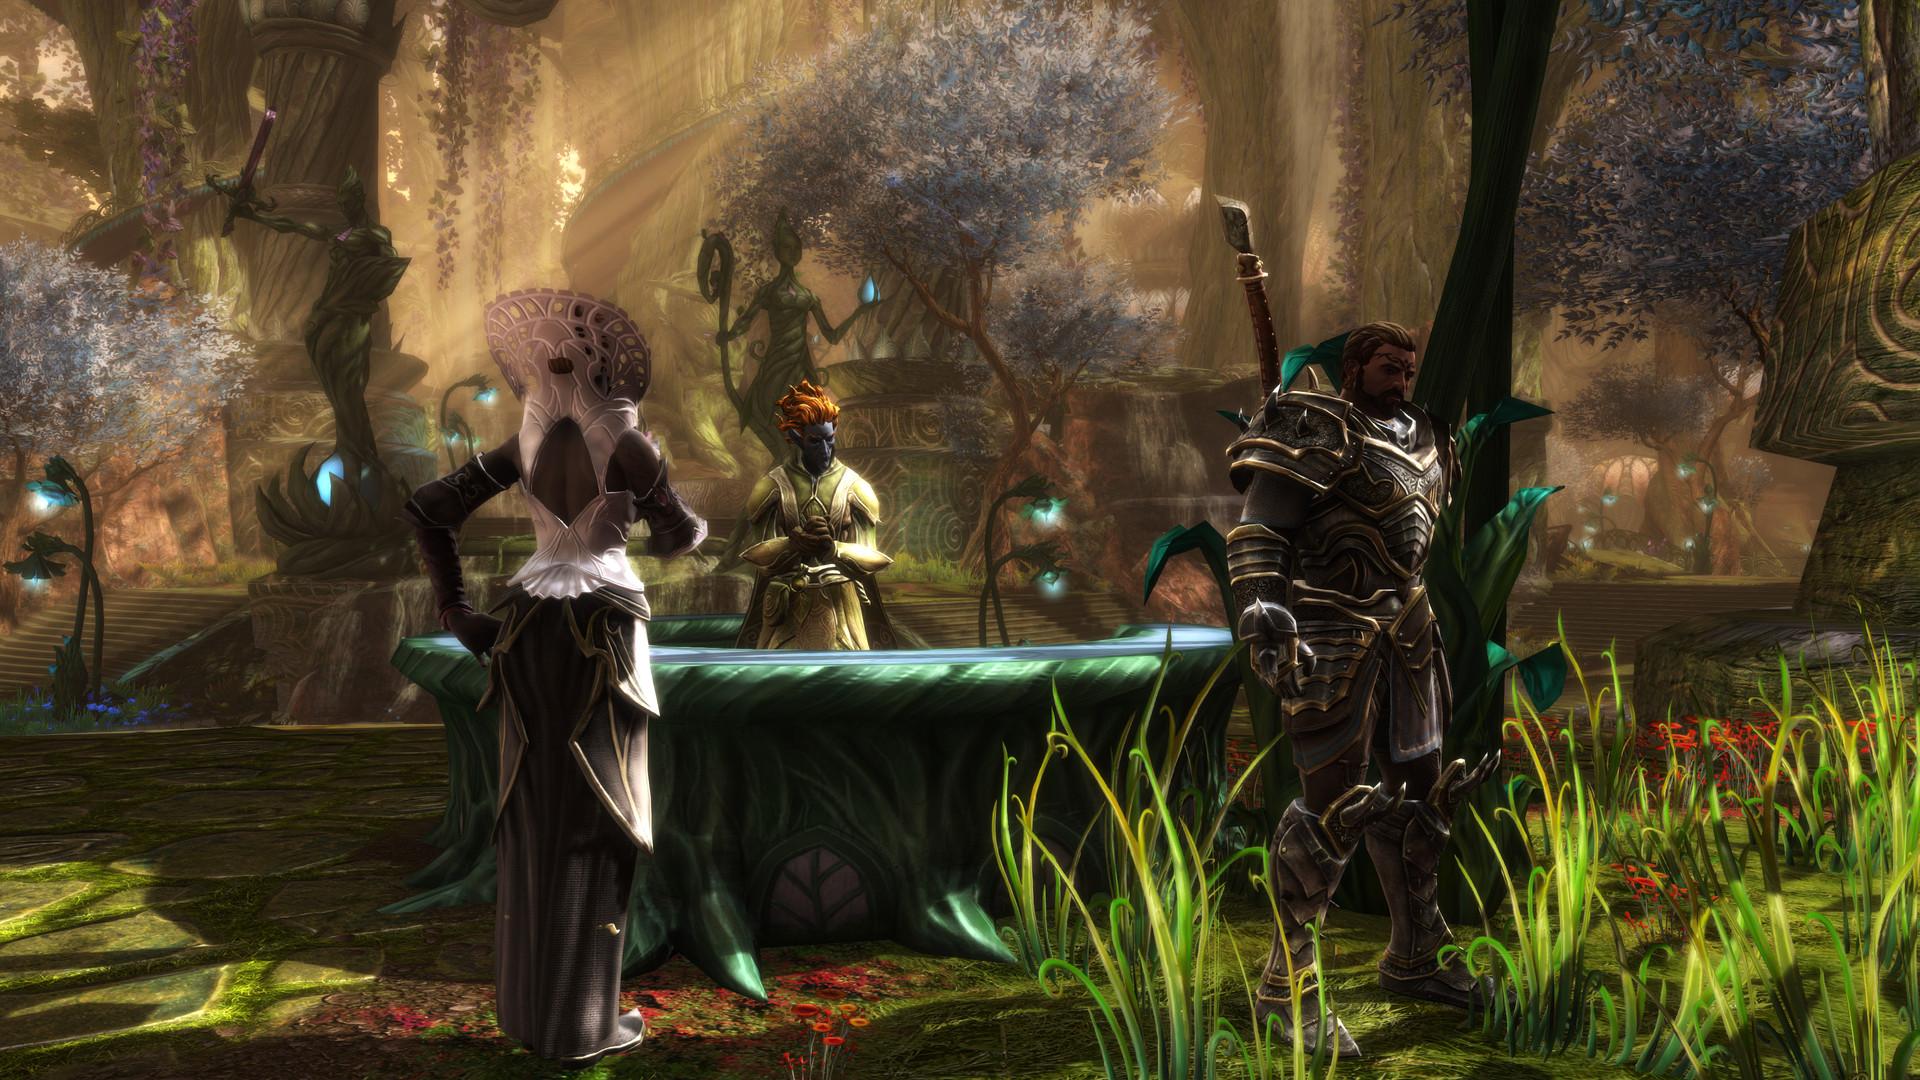 原版玩家可半价购买《阿玛拉王国:惩罚 重置版》